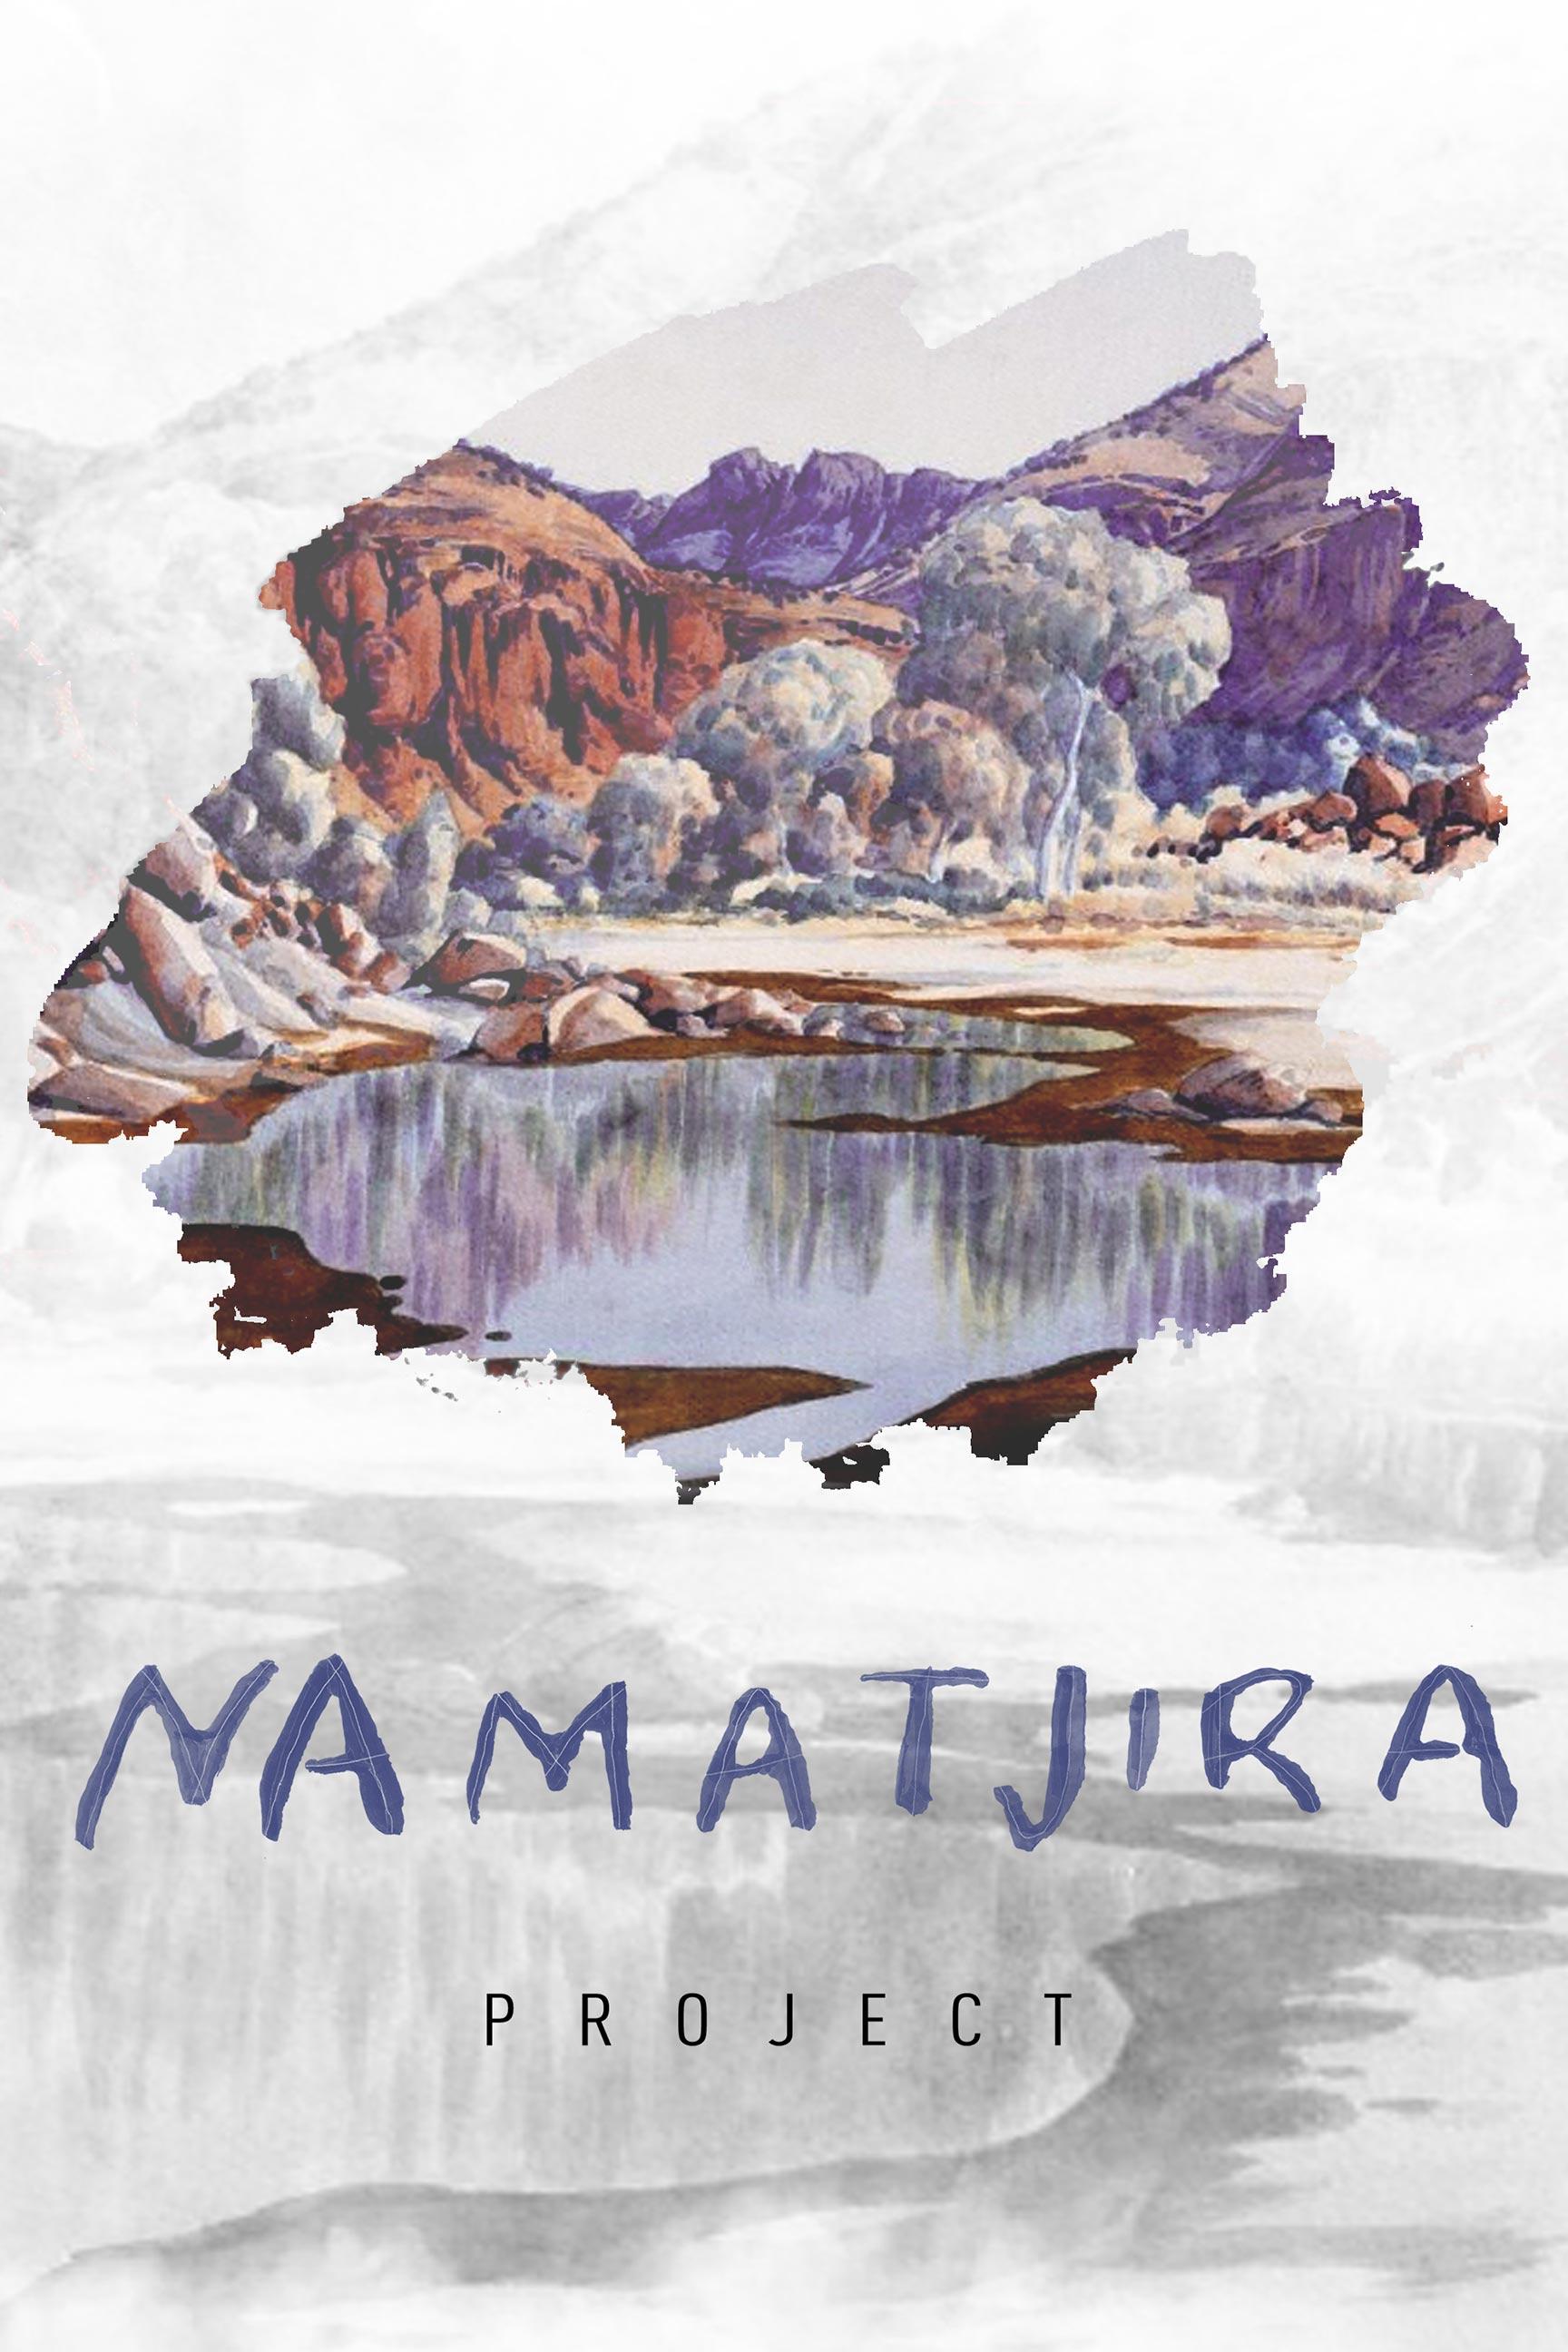 Namatjira Project Poster #1